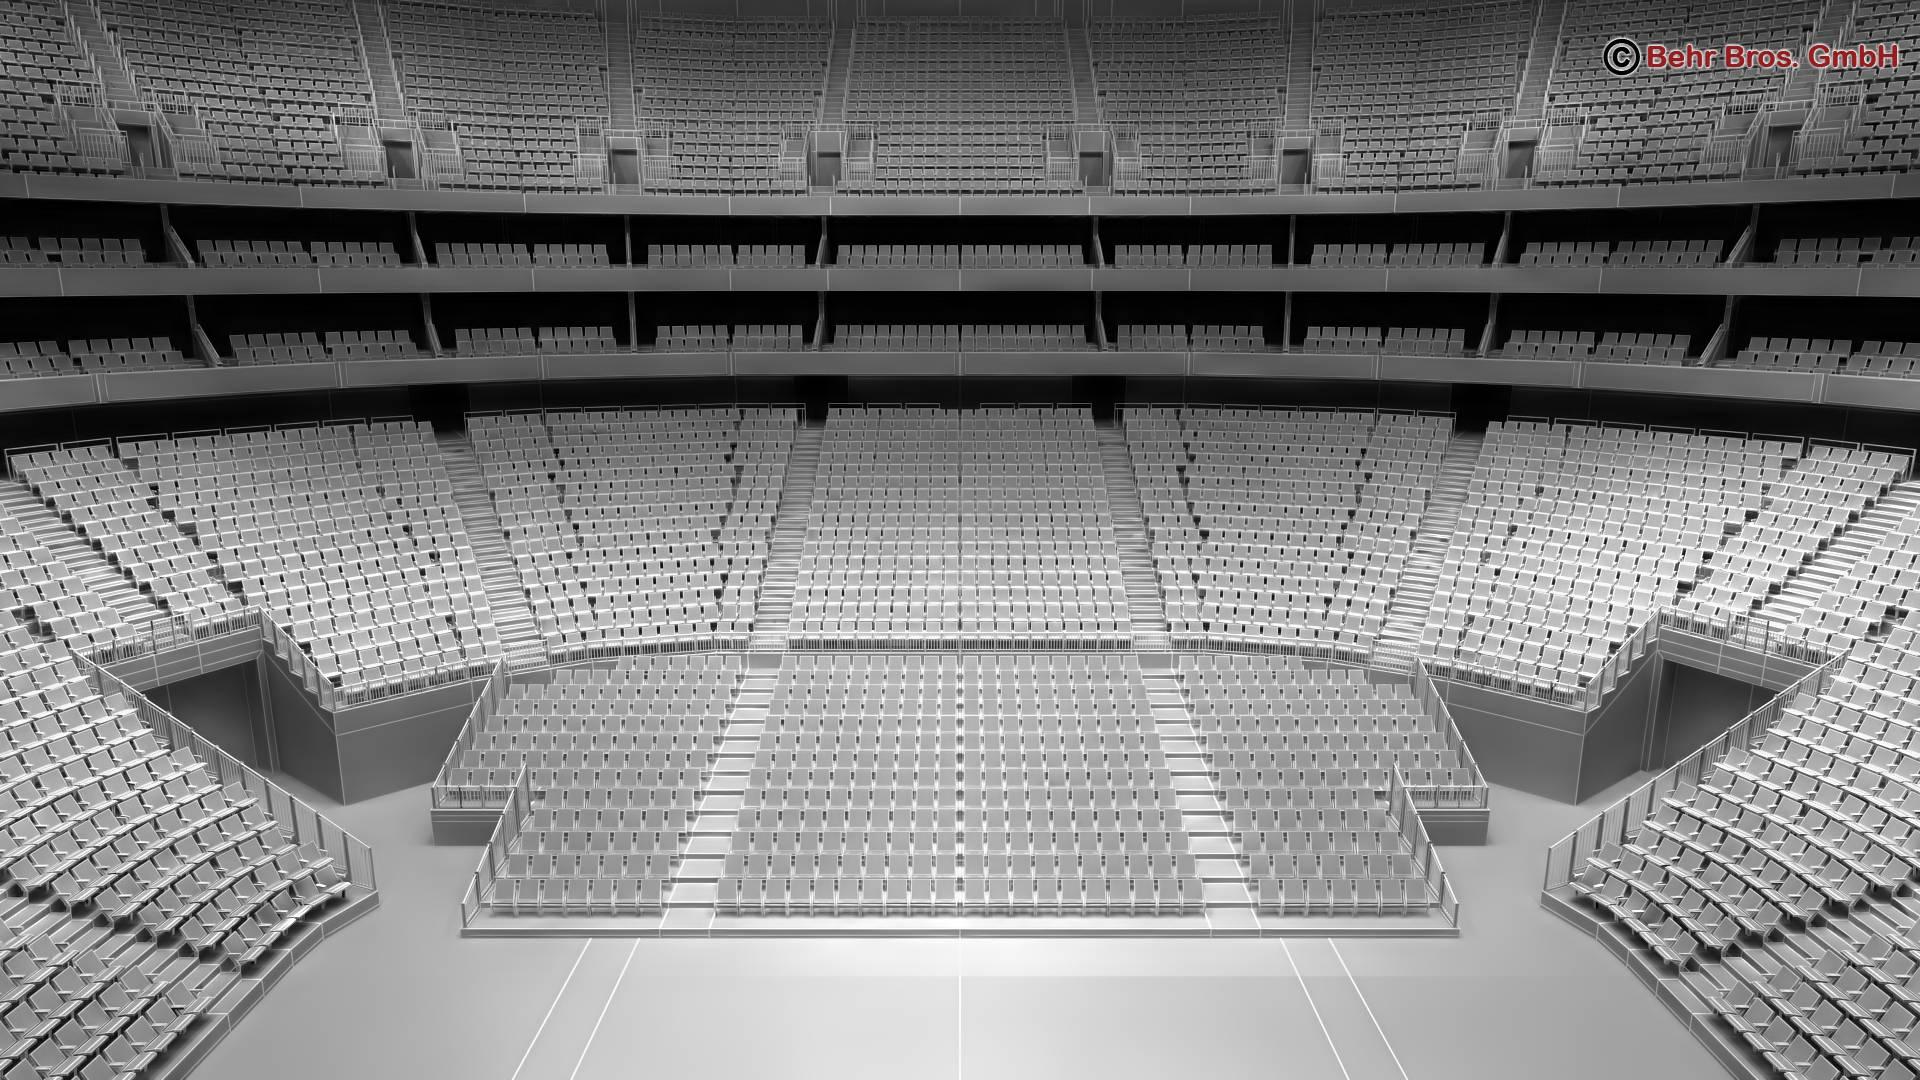 košarkaška arena v2 3d model 3ds max fbx c4d lwo ma mb obj 222380